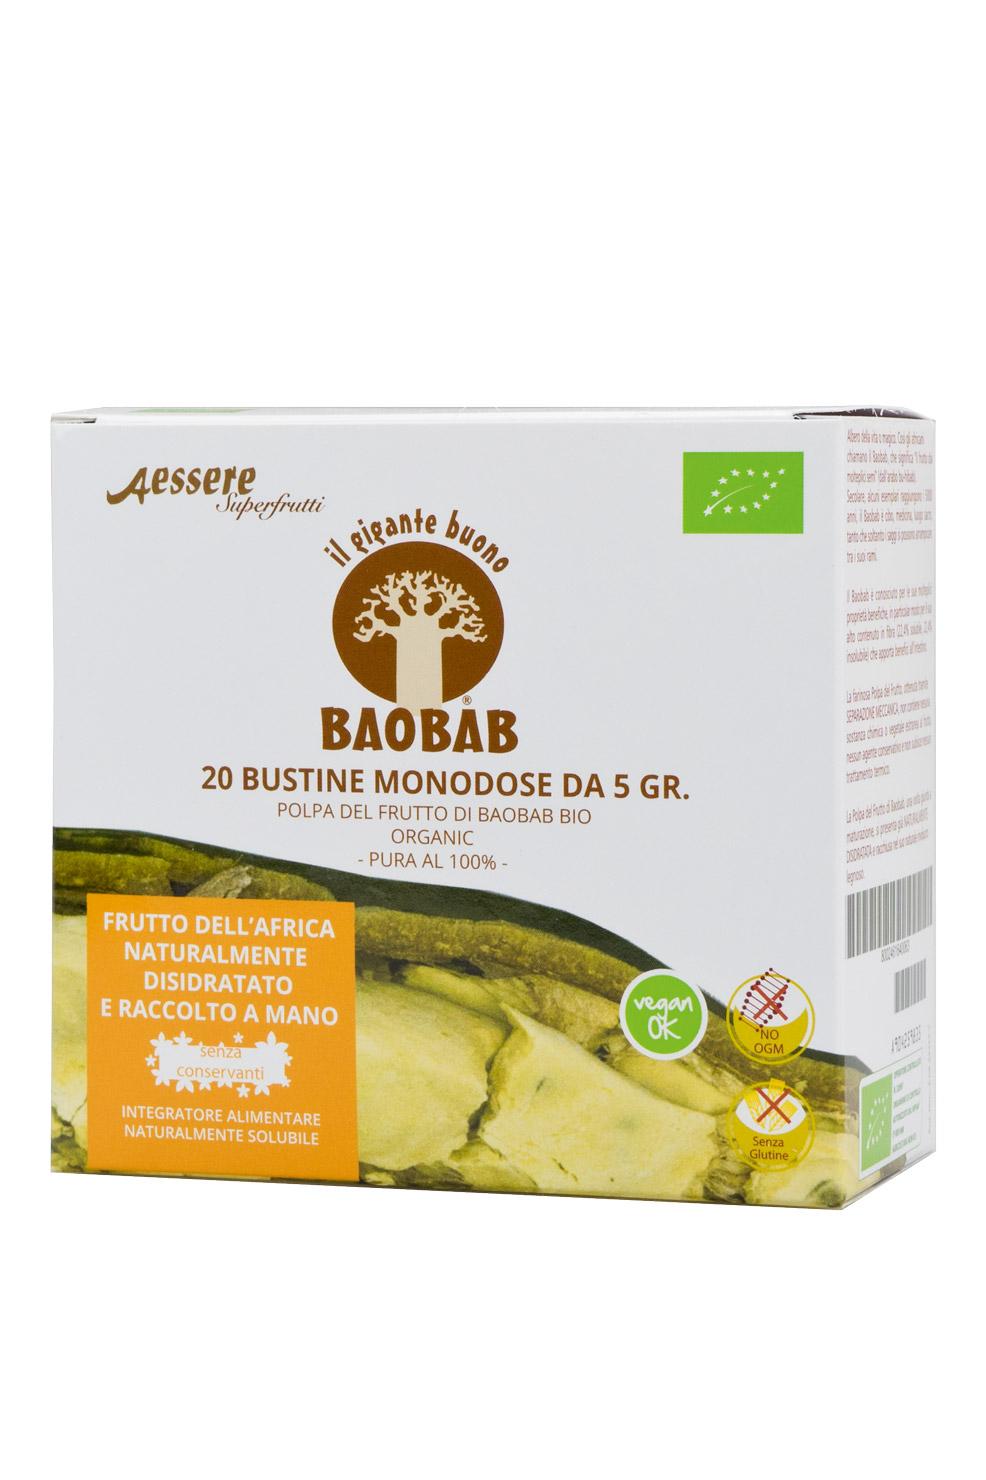 Image of Aessere Baobab Polpa Del Frutto 20x5g 904259835